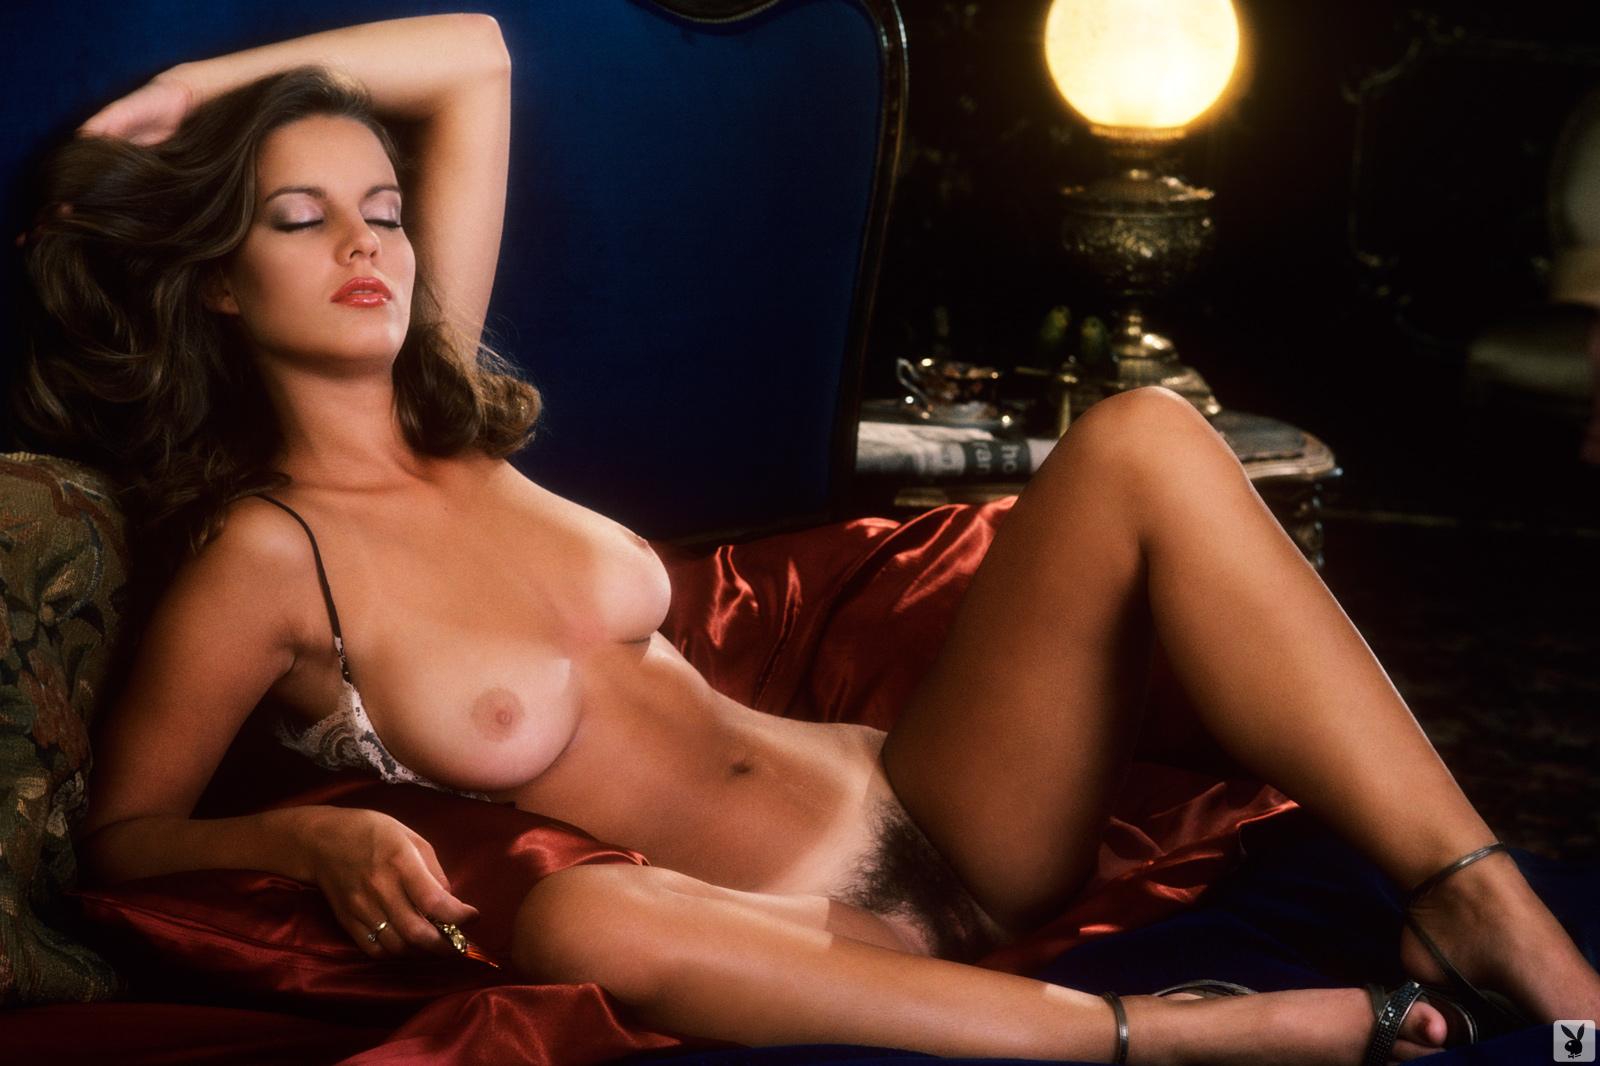 Anke feller nude